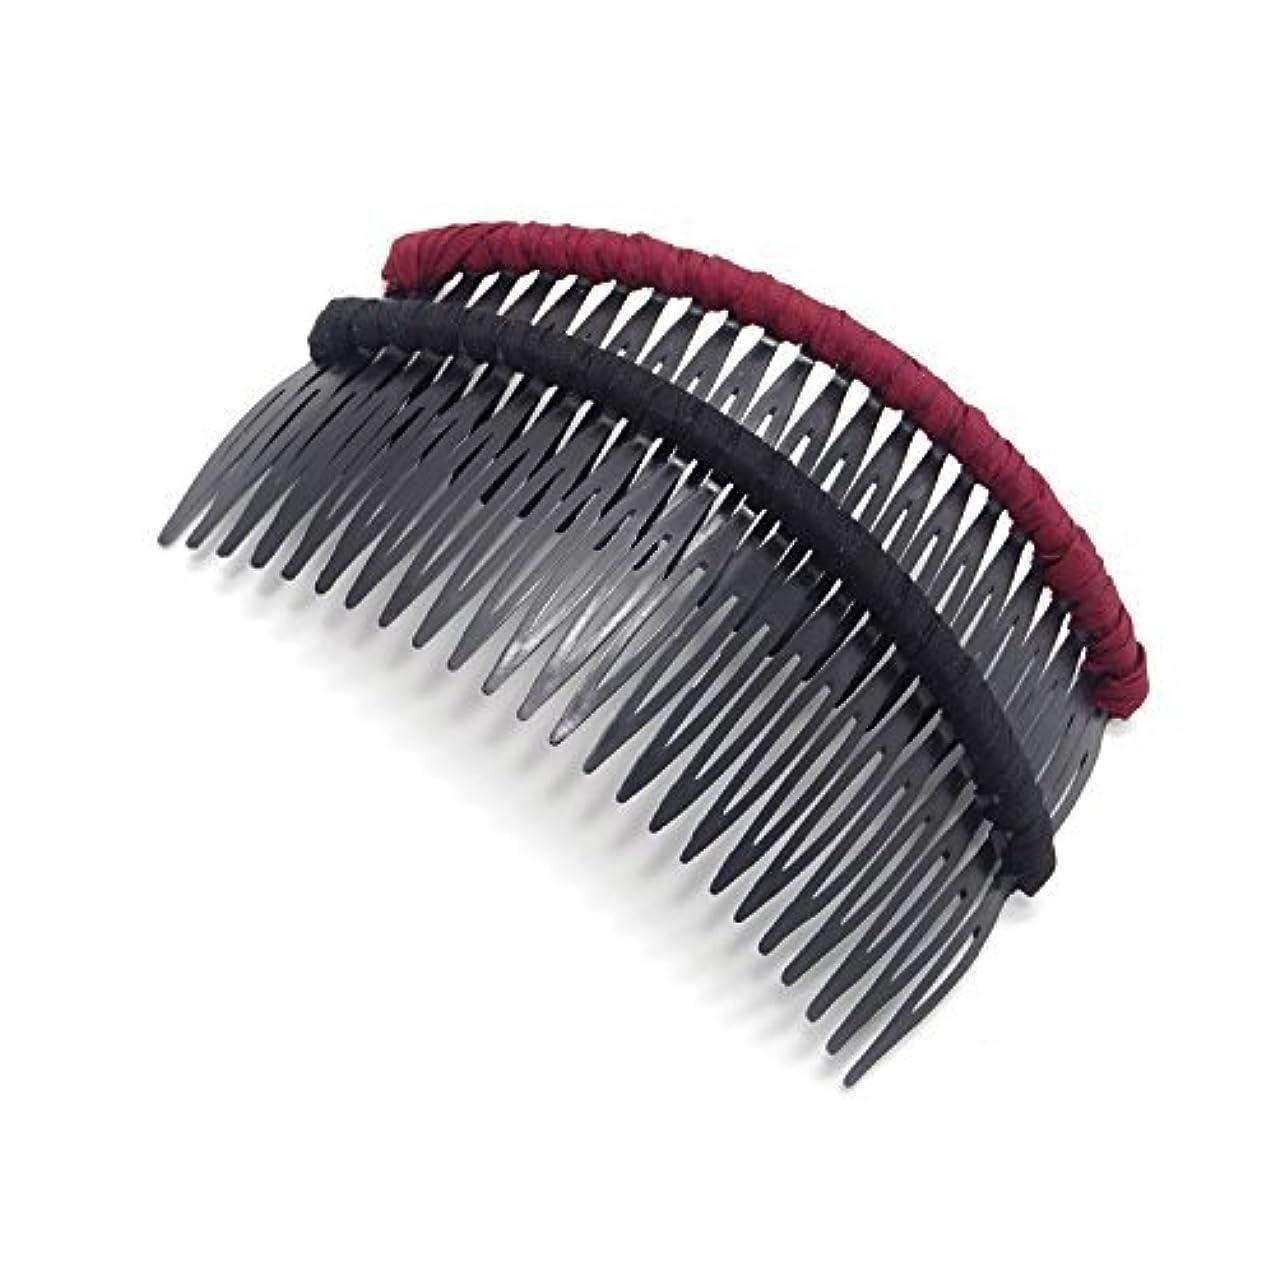 ナンセンスそれから信頼Honbay 2 PCS Different Color 24 Teeth Plastic Hair Comb Tuck Comb Hair Clip Hair Accessory for Women and Girls...